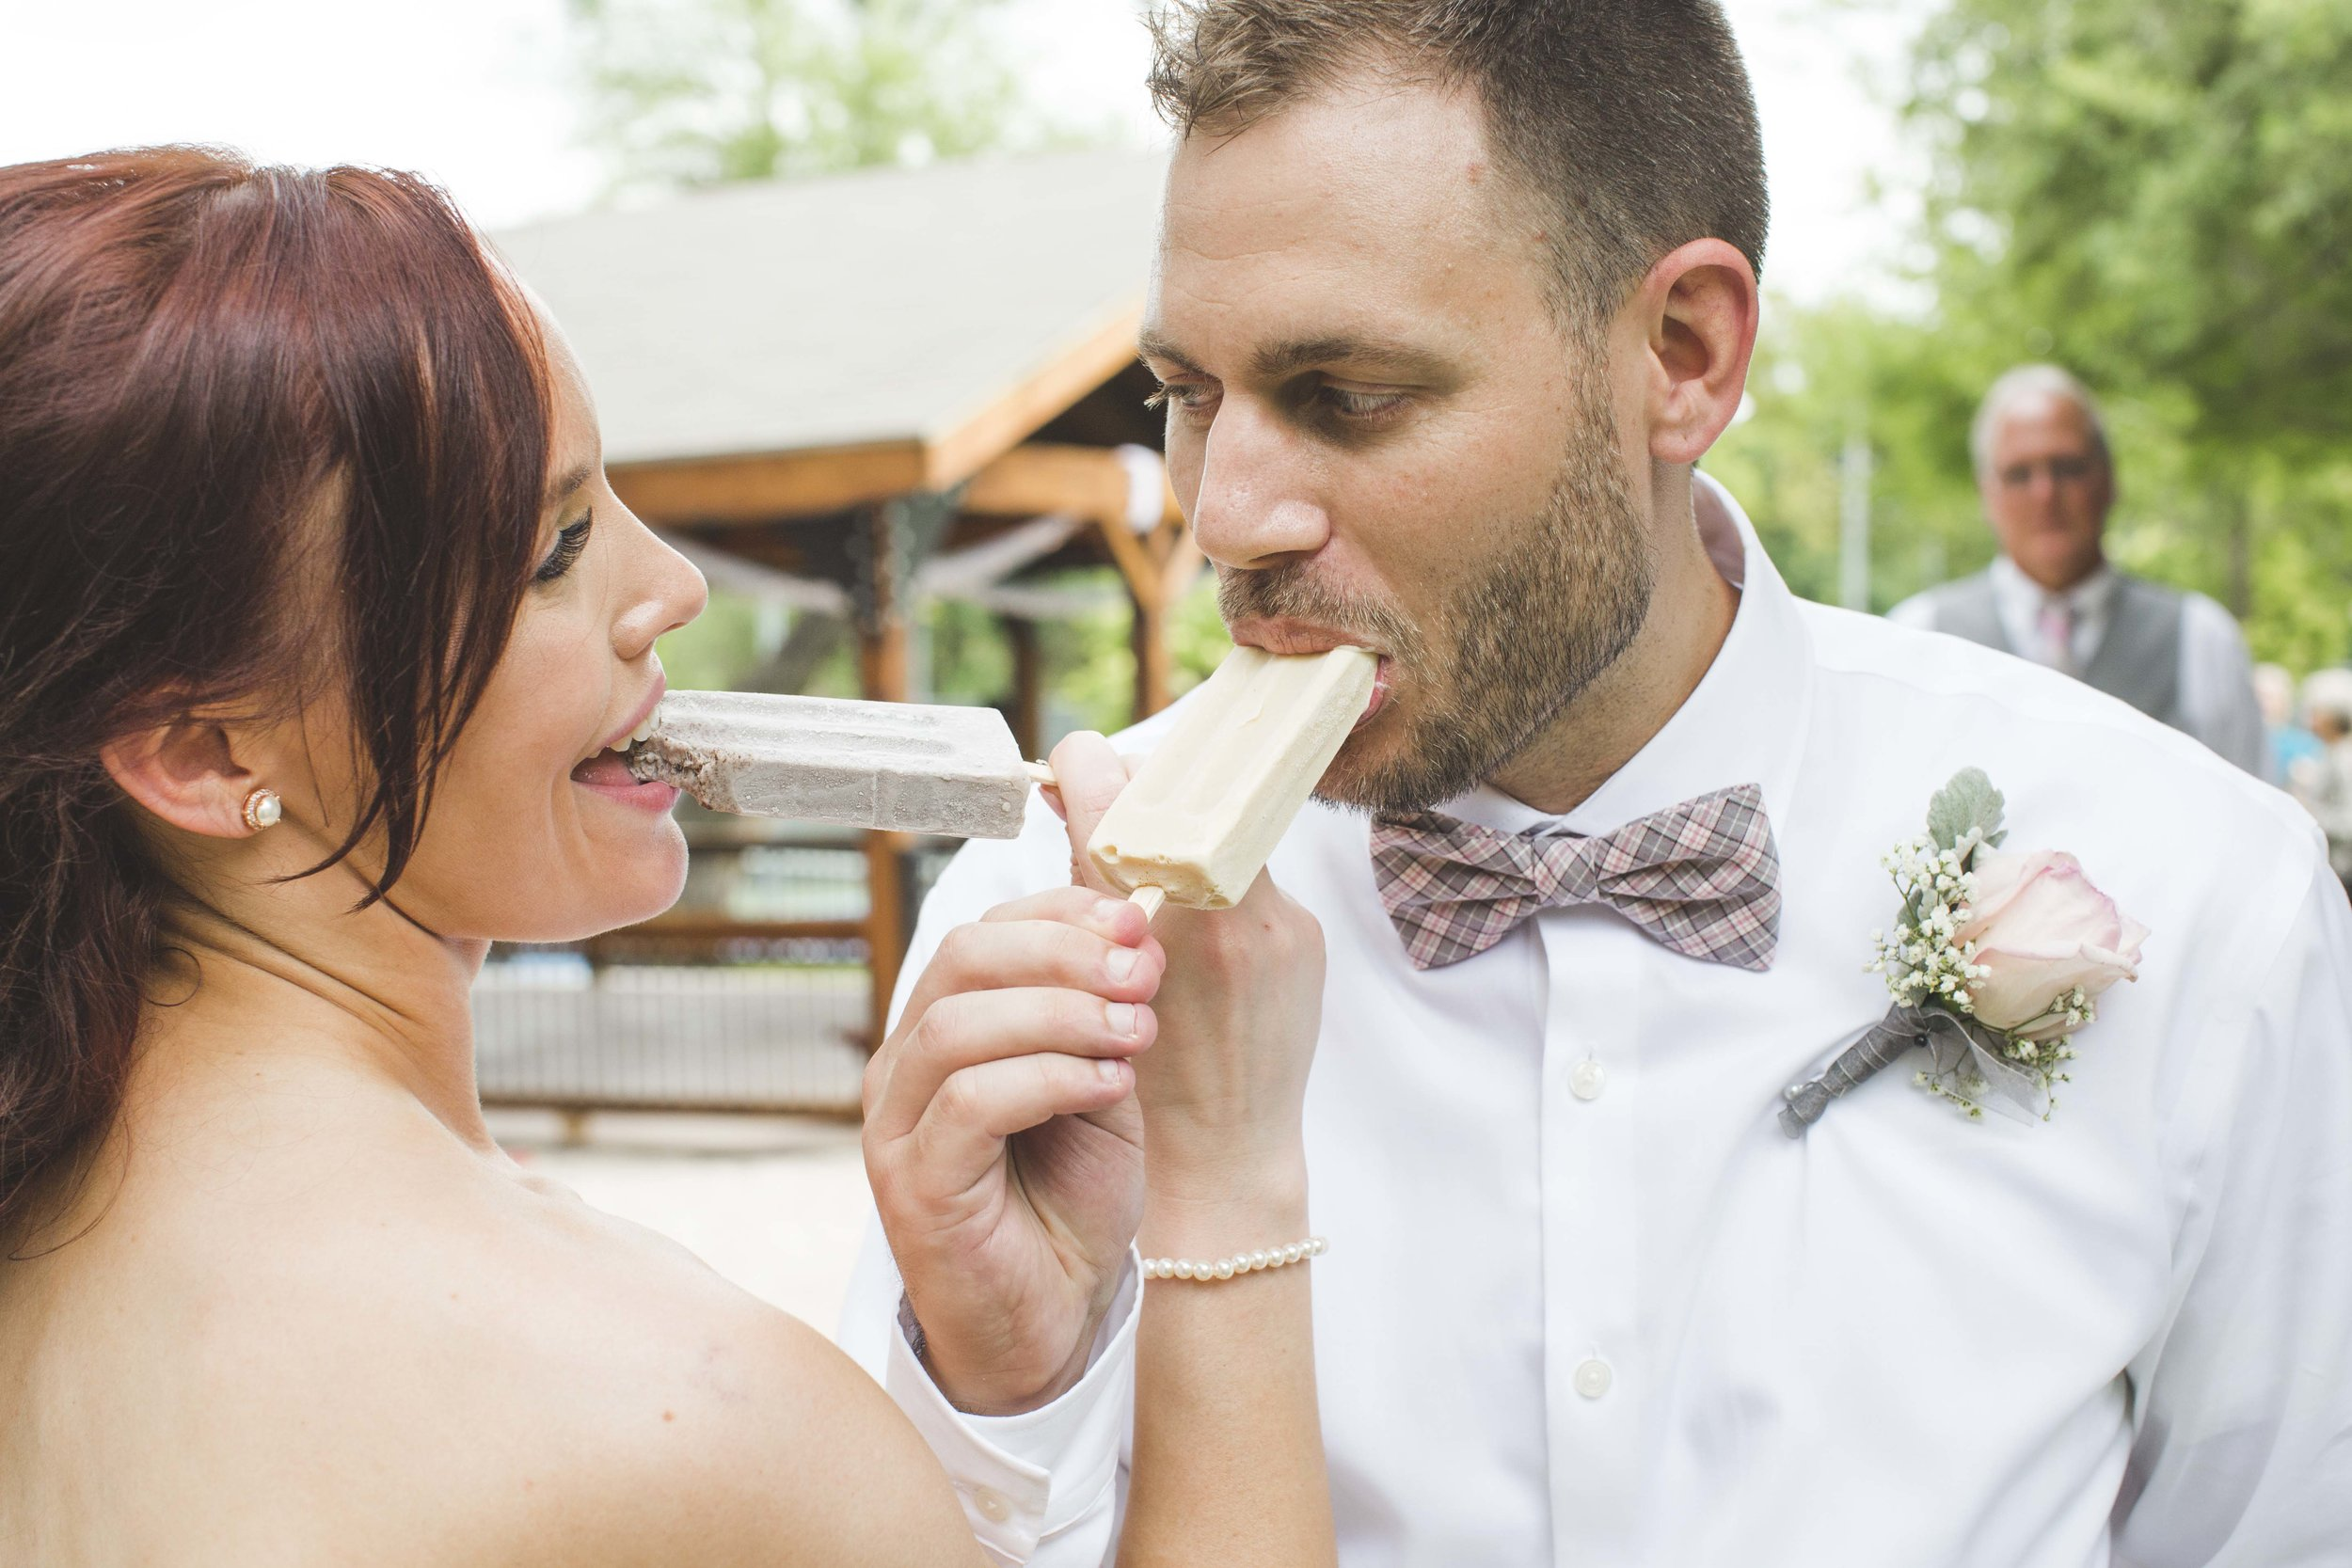 ATGI_Susanna & Matt Wedding_717A8618.jpg